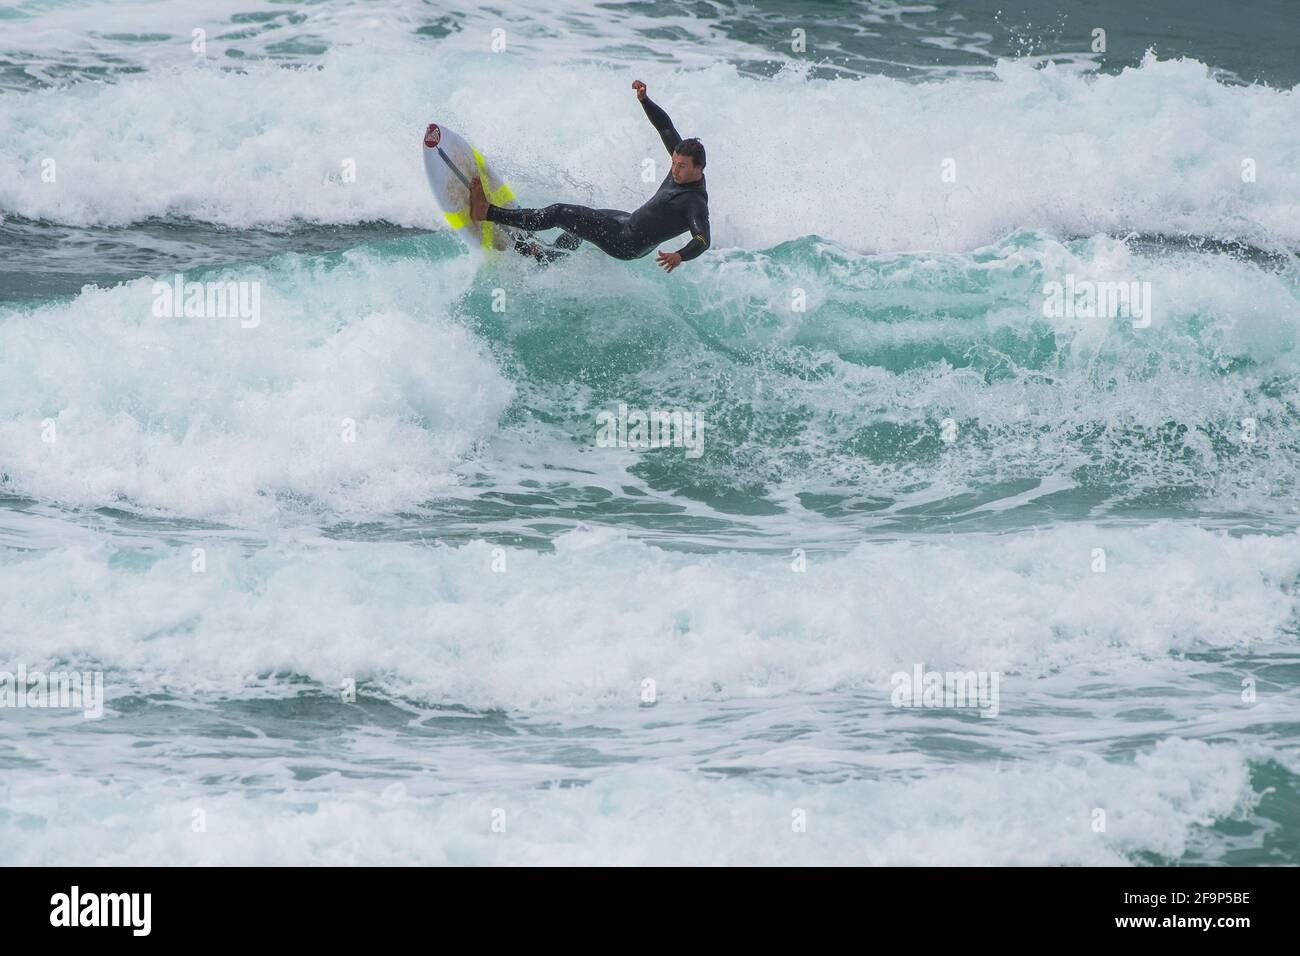 Surf sauvage à Fistral un hotspot de surf à Newquay dans les Cornouailles. Banque D'Images